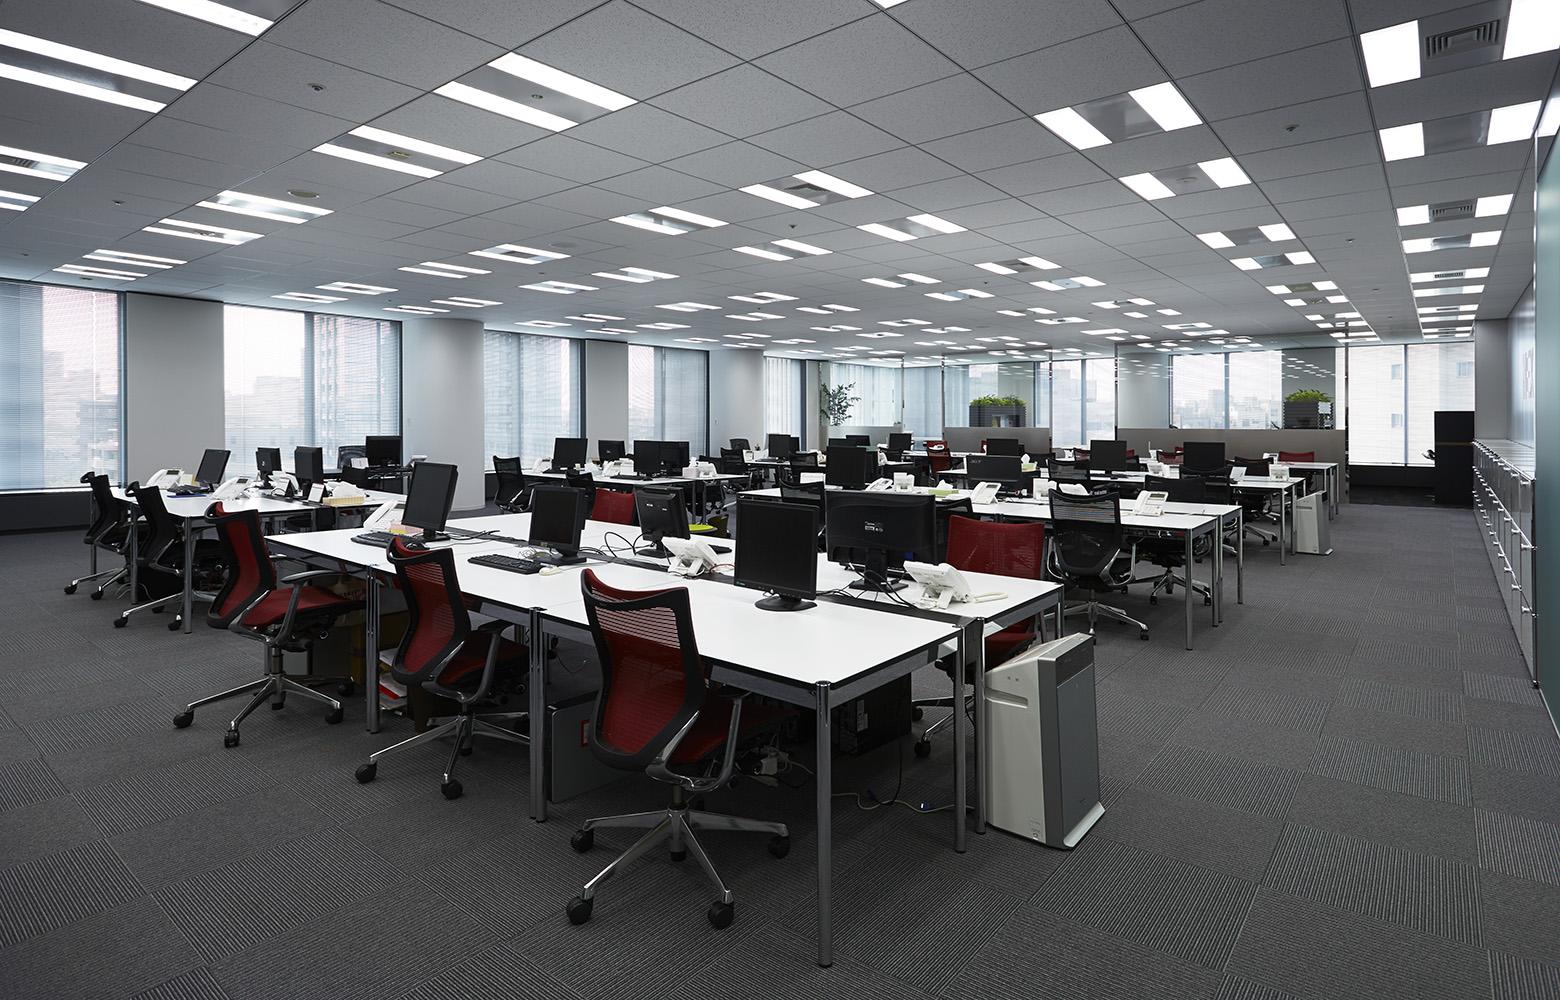 株式会社メディカル・ステージ Work Space デザイン・レイアウト事例